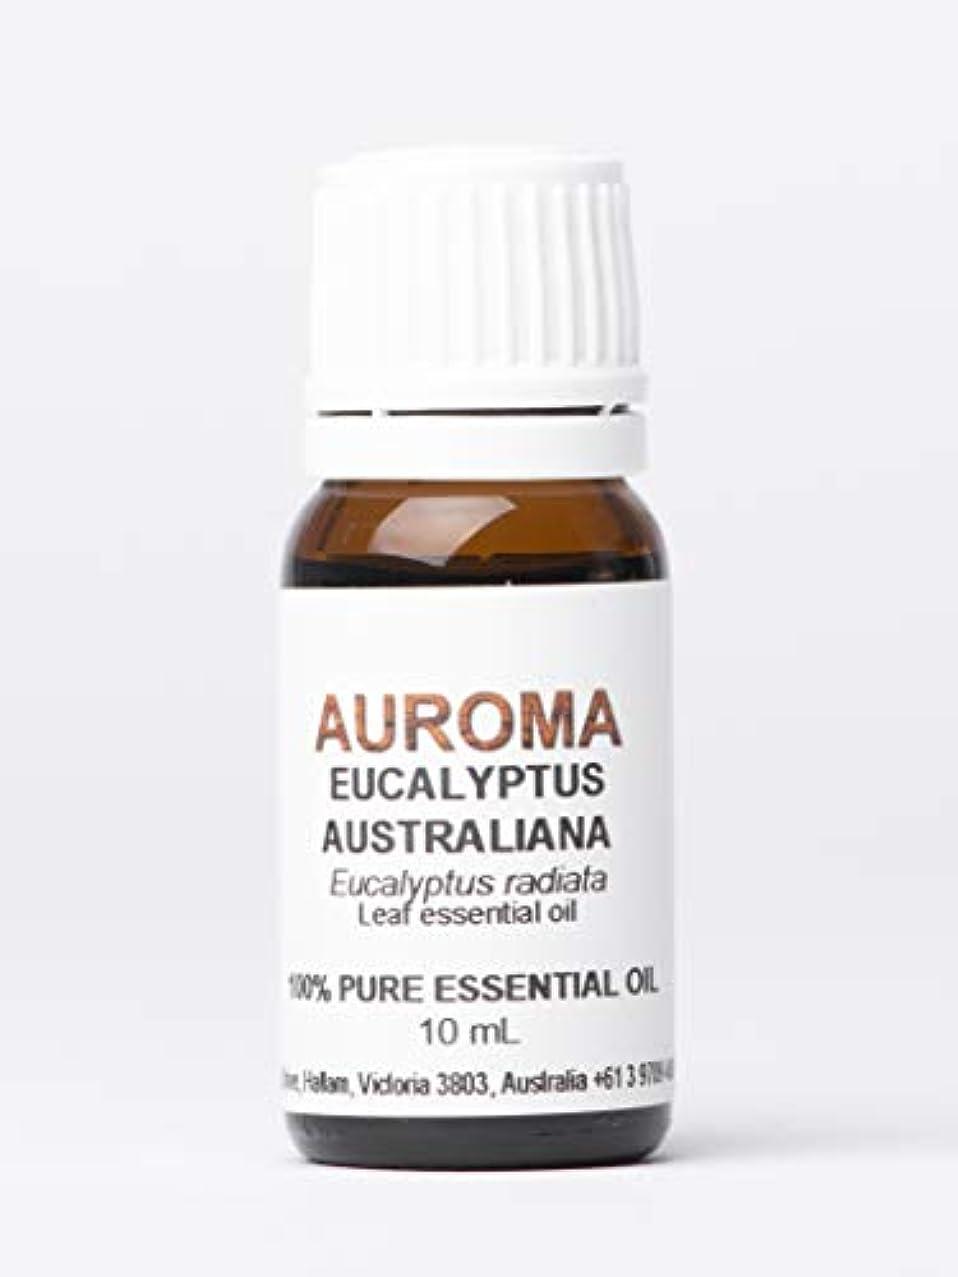 見えないピラミッド田舎AUROMA ユーカリオーストラリアーナ(ラディアタ種) 10ml